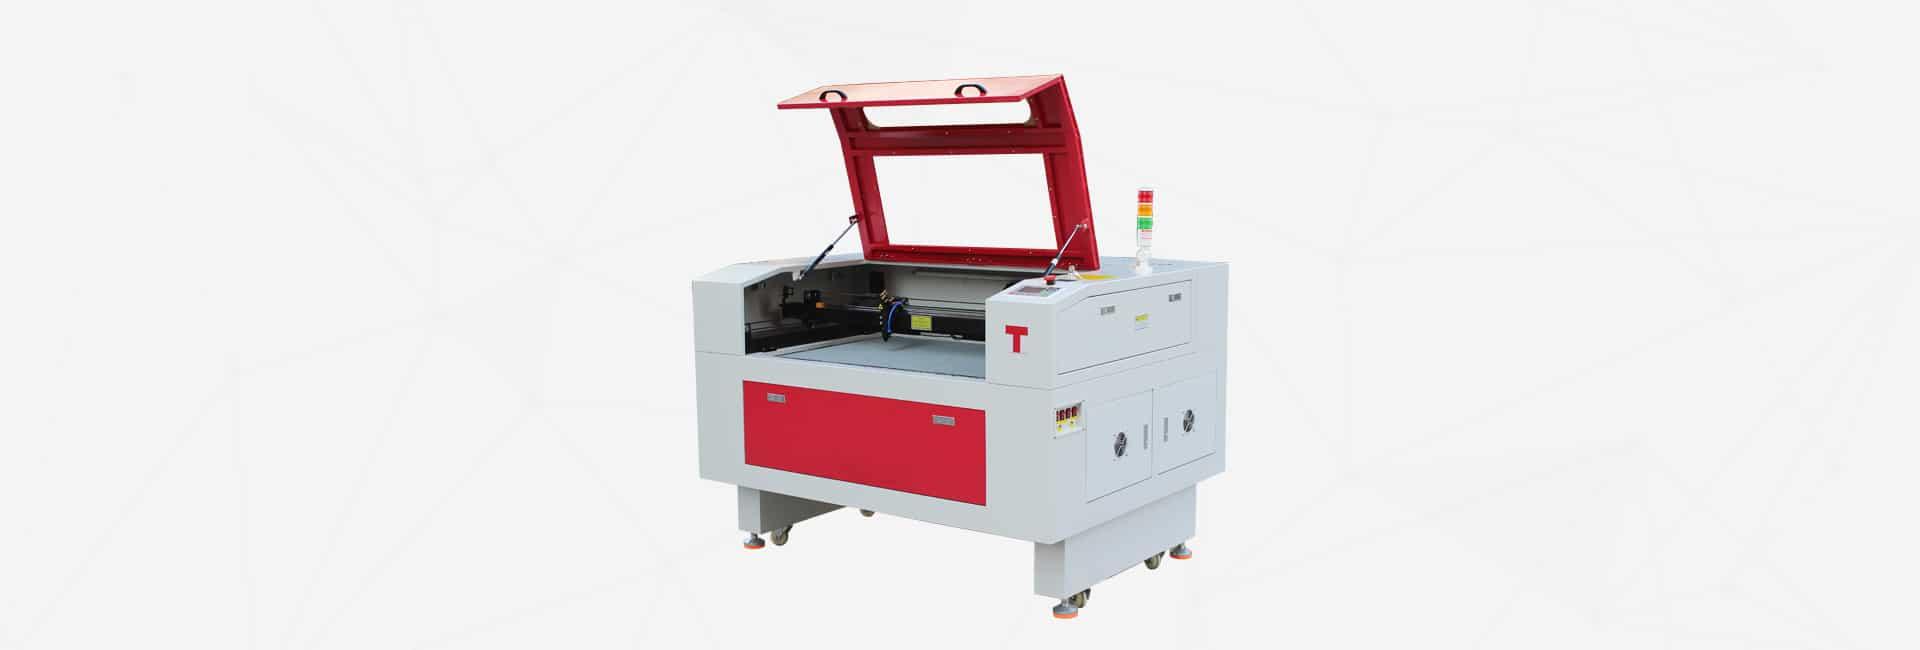 auto focus laser cutting machine banner